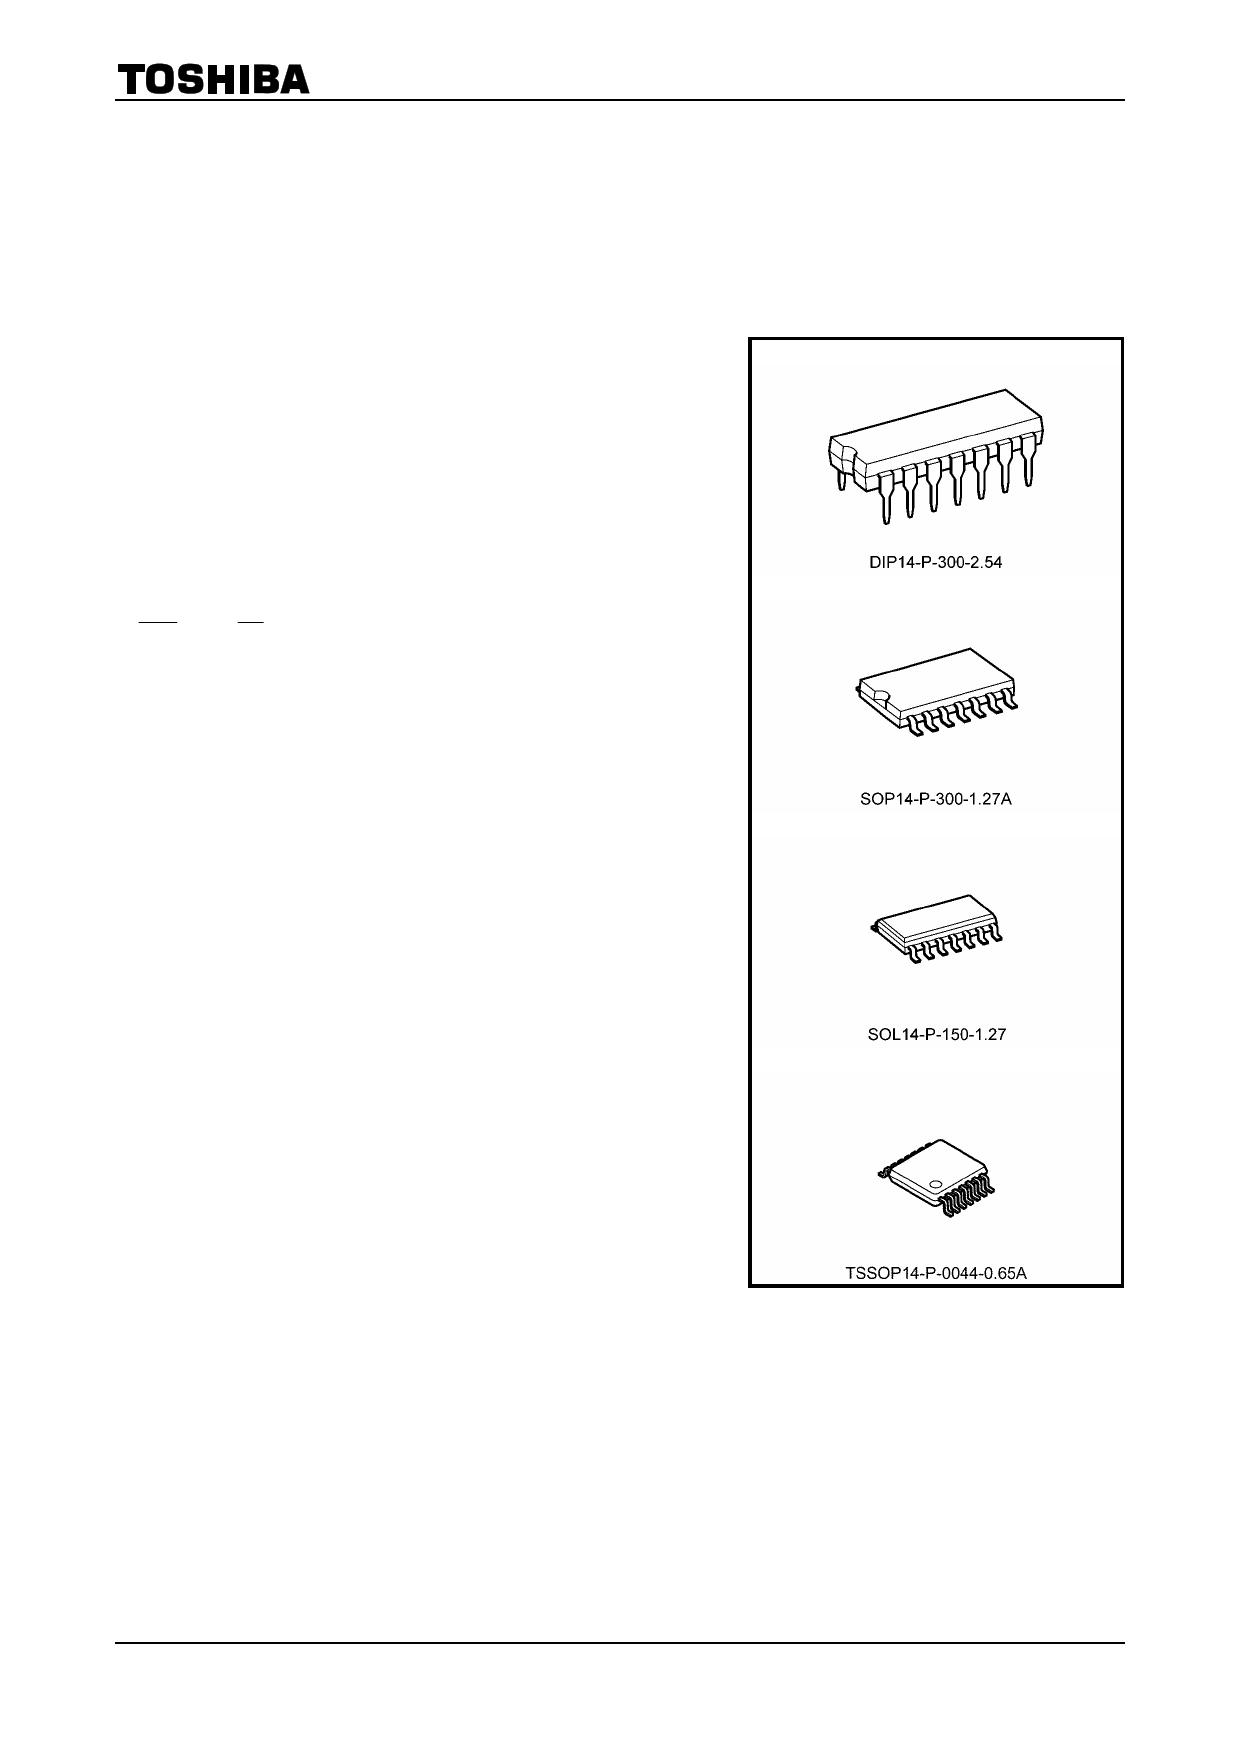 74ACT74P datasheet, circuit